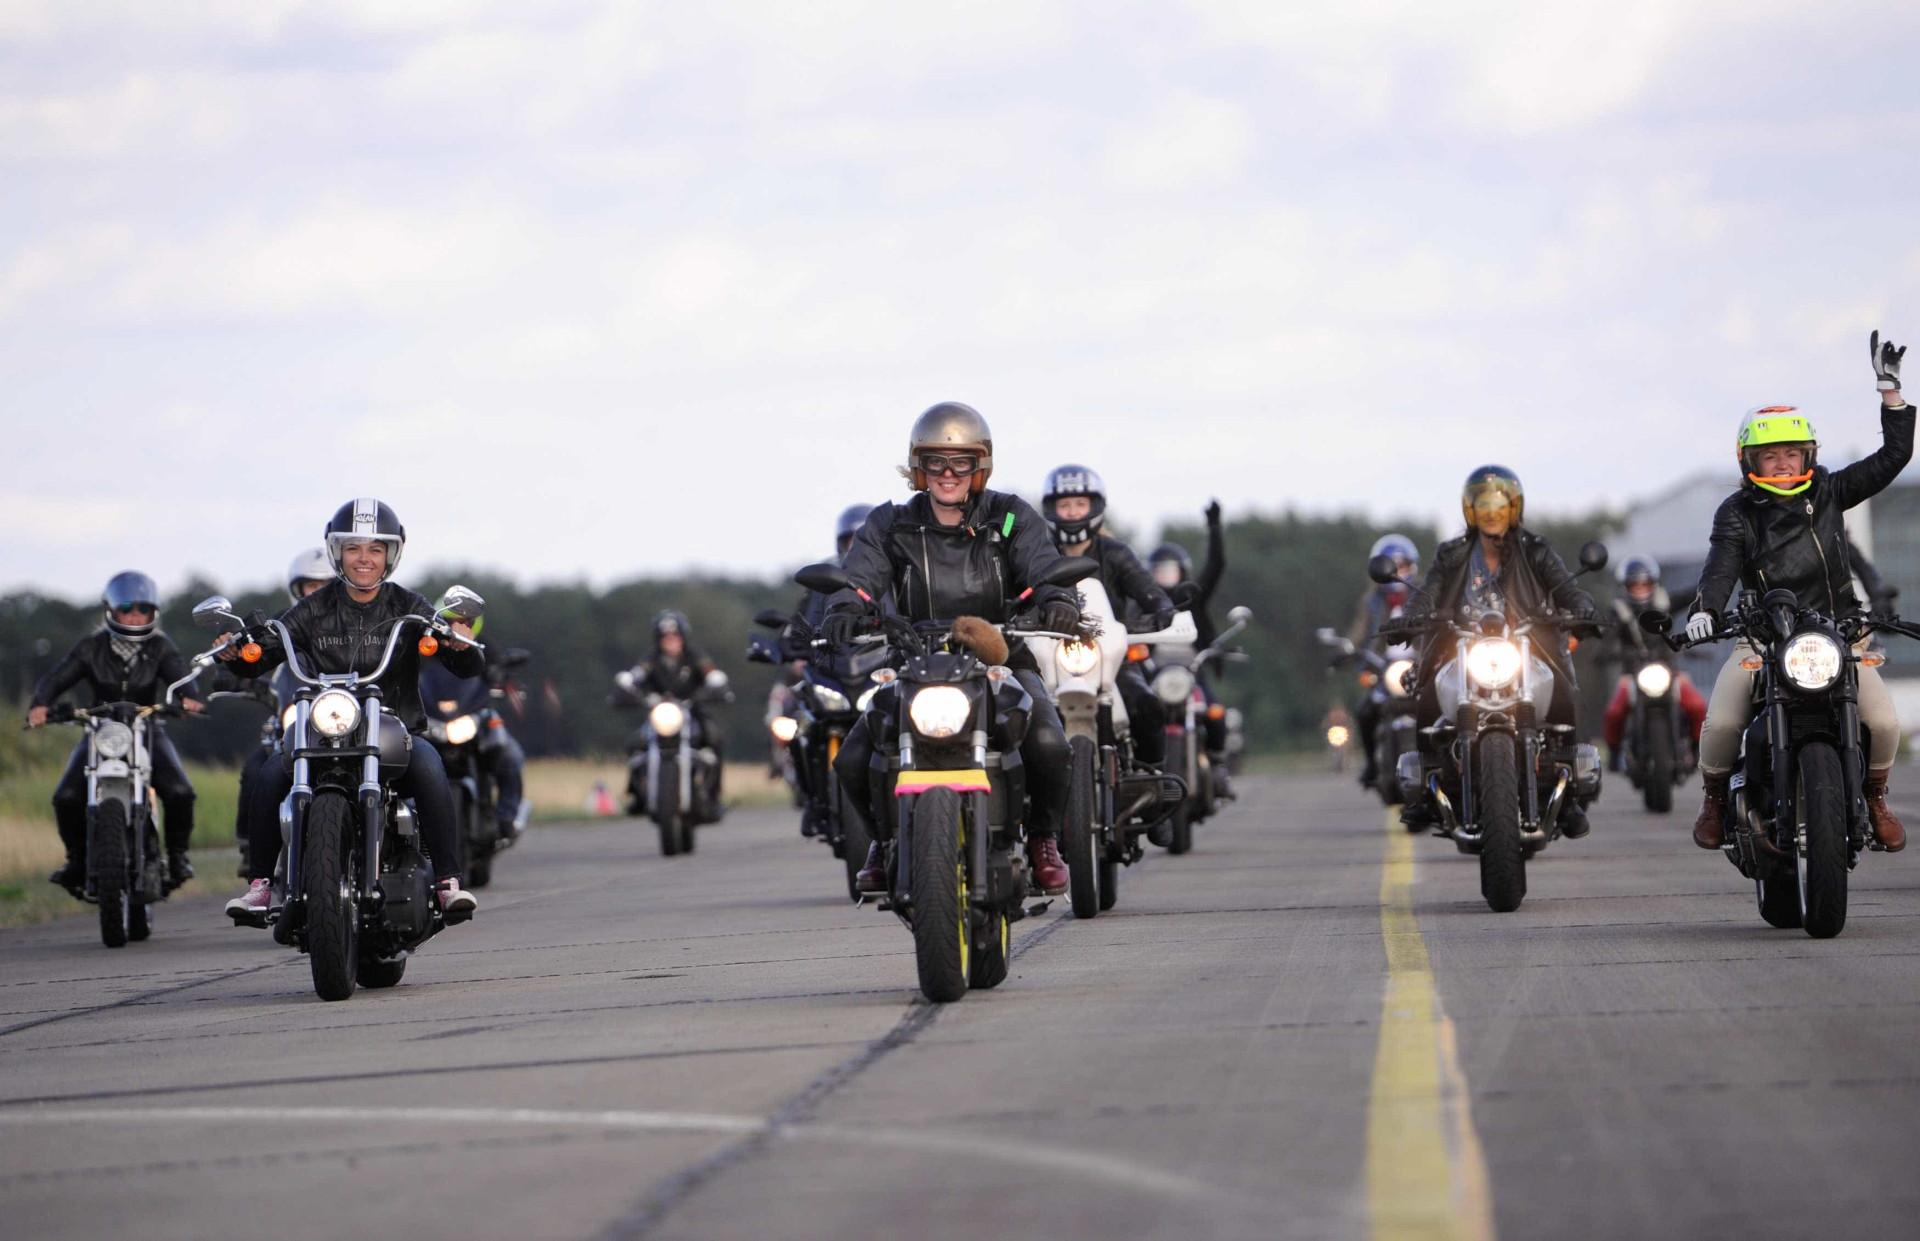 Contra estereótipos, este é um festival de motoqueiras (sim, no feminino)